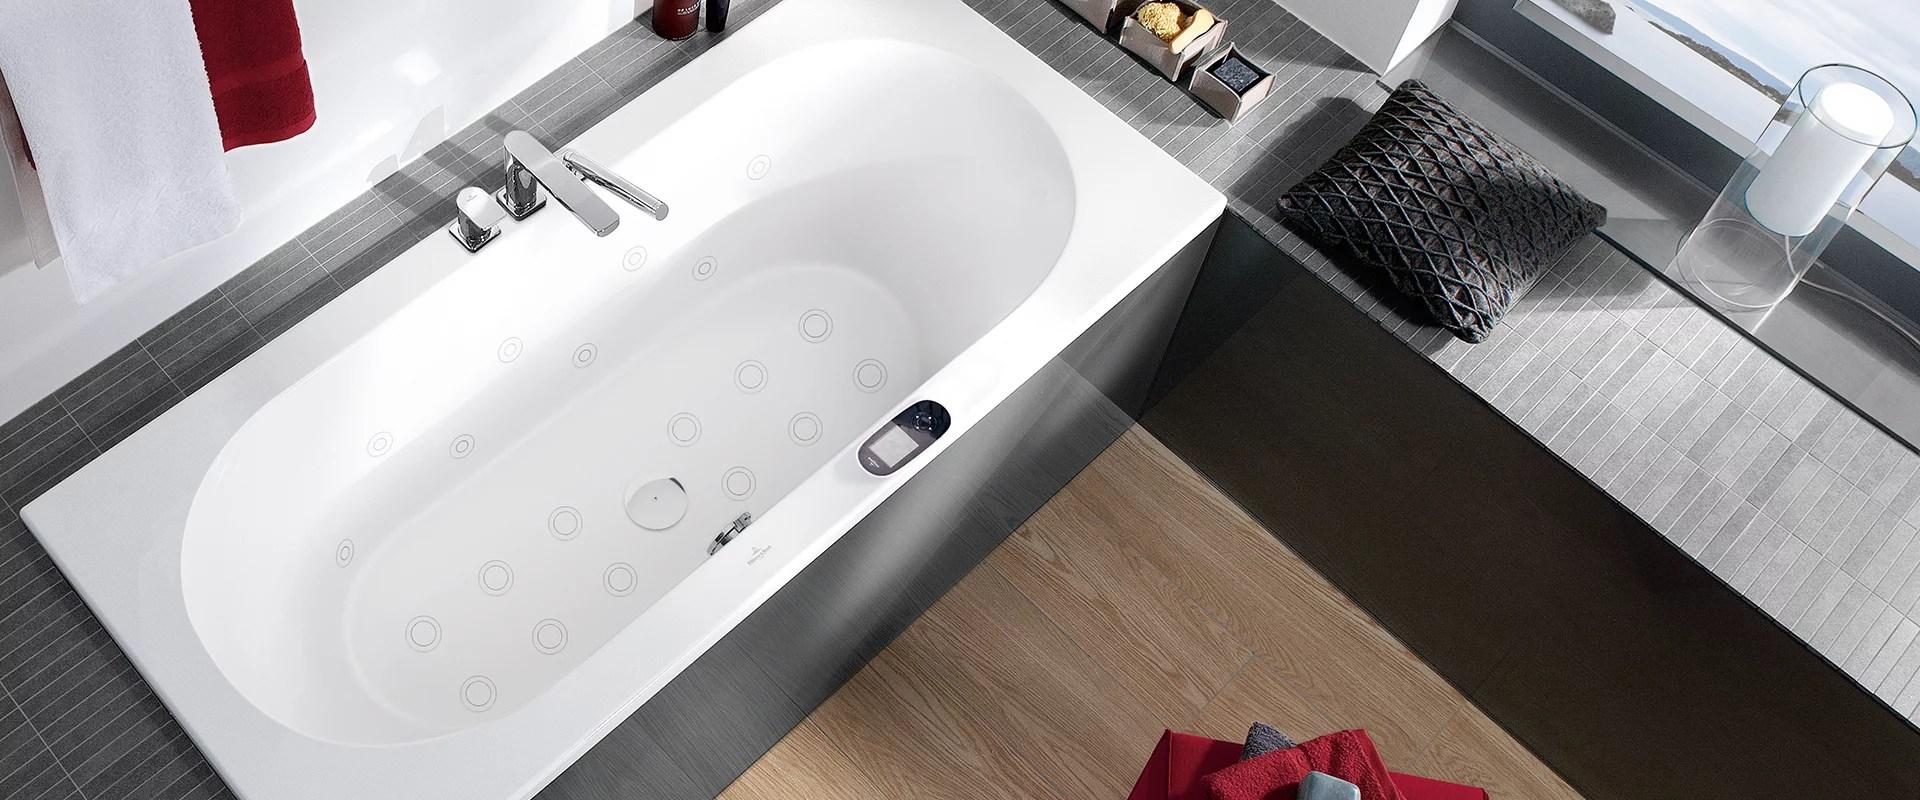 Whirlpoolsystemen Voor Badkuipen